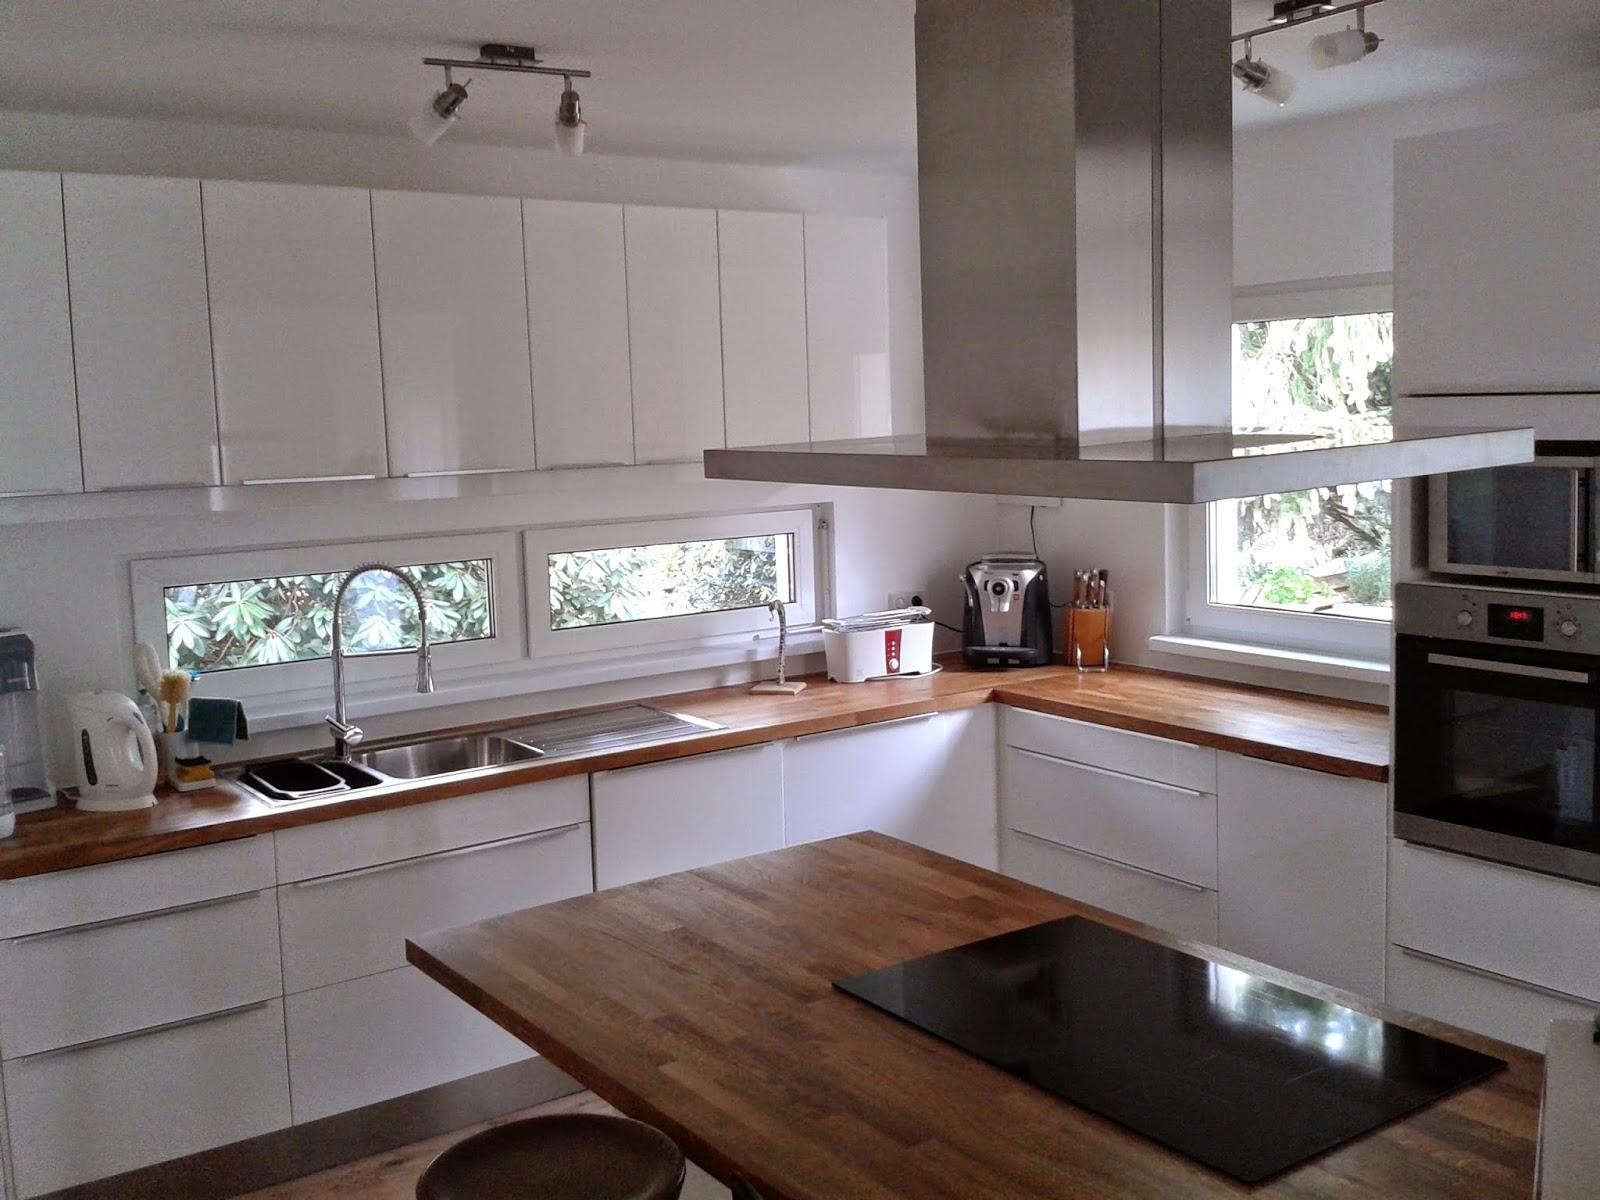 Küche mit kochinsel und sitzgelegenheit – sehremini